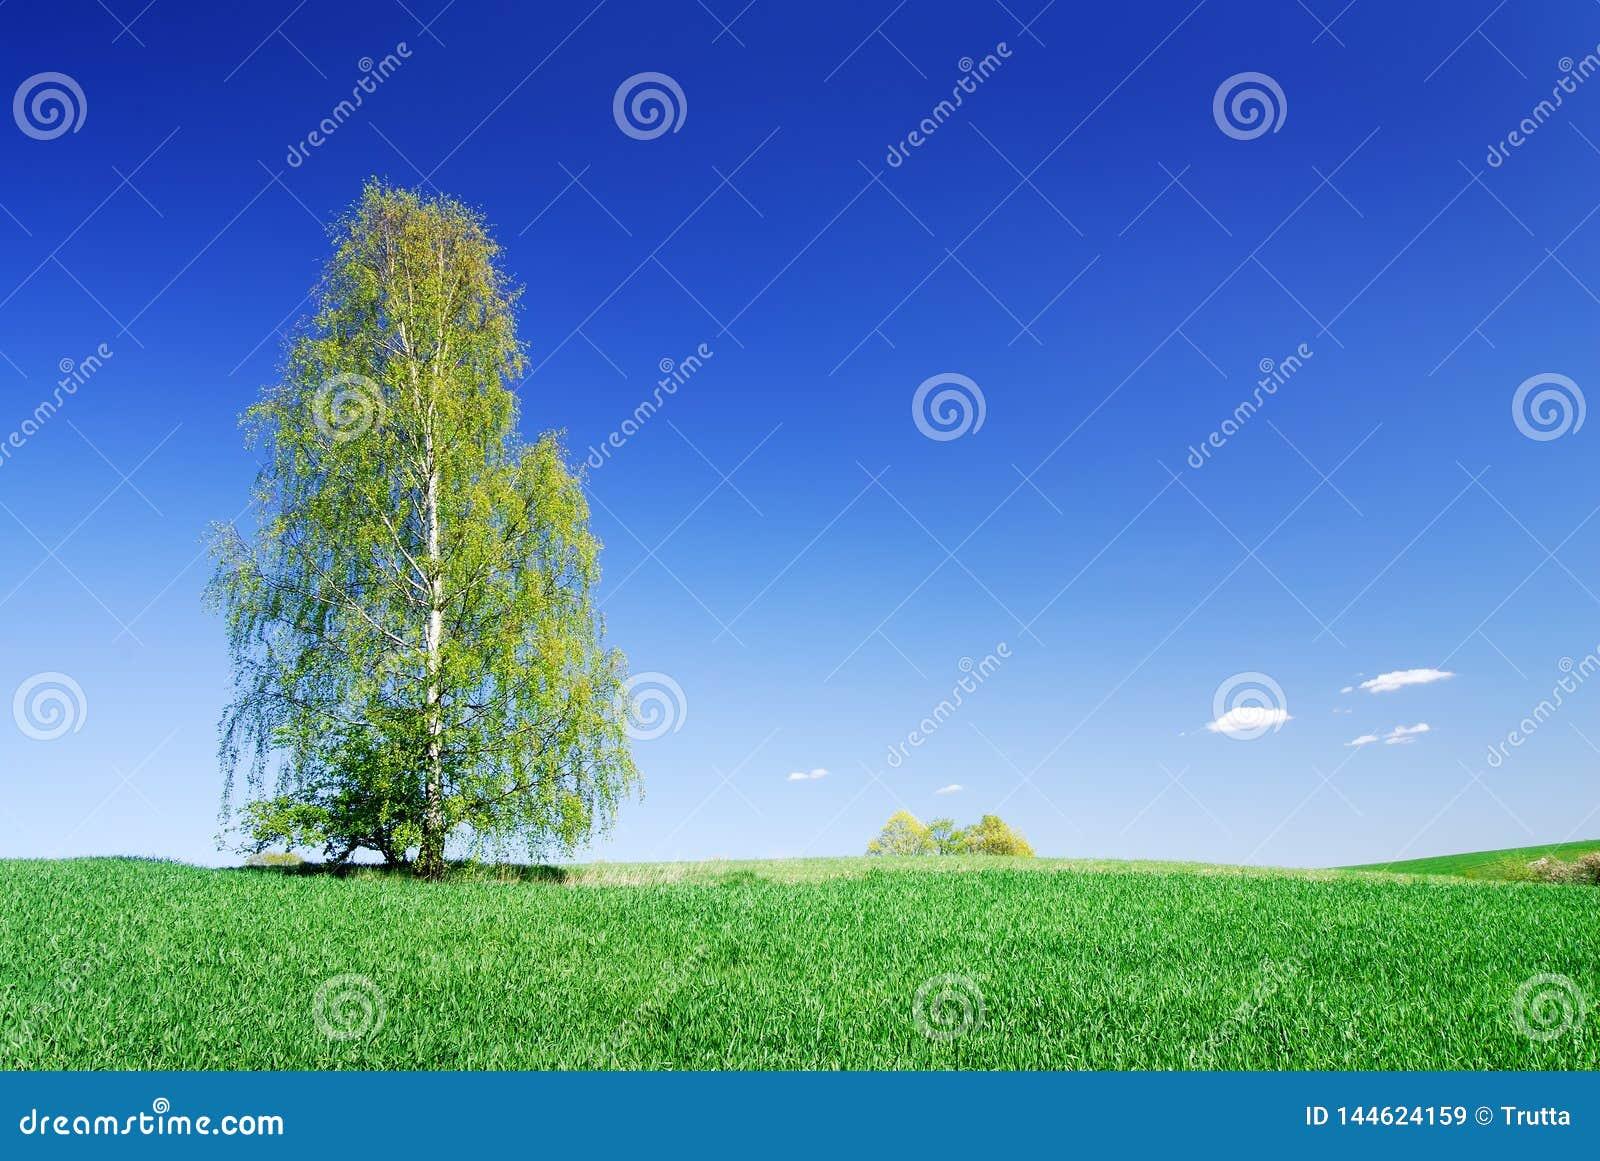 Paisagem idílico, árvore só entre campos verdes